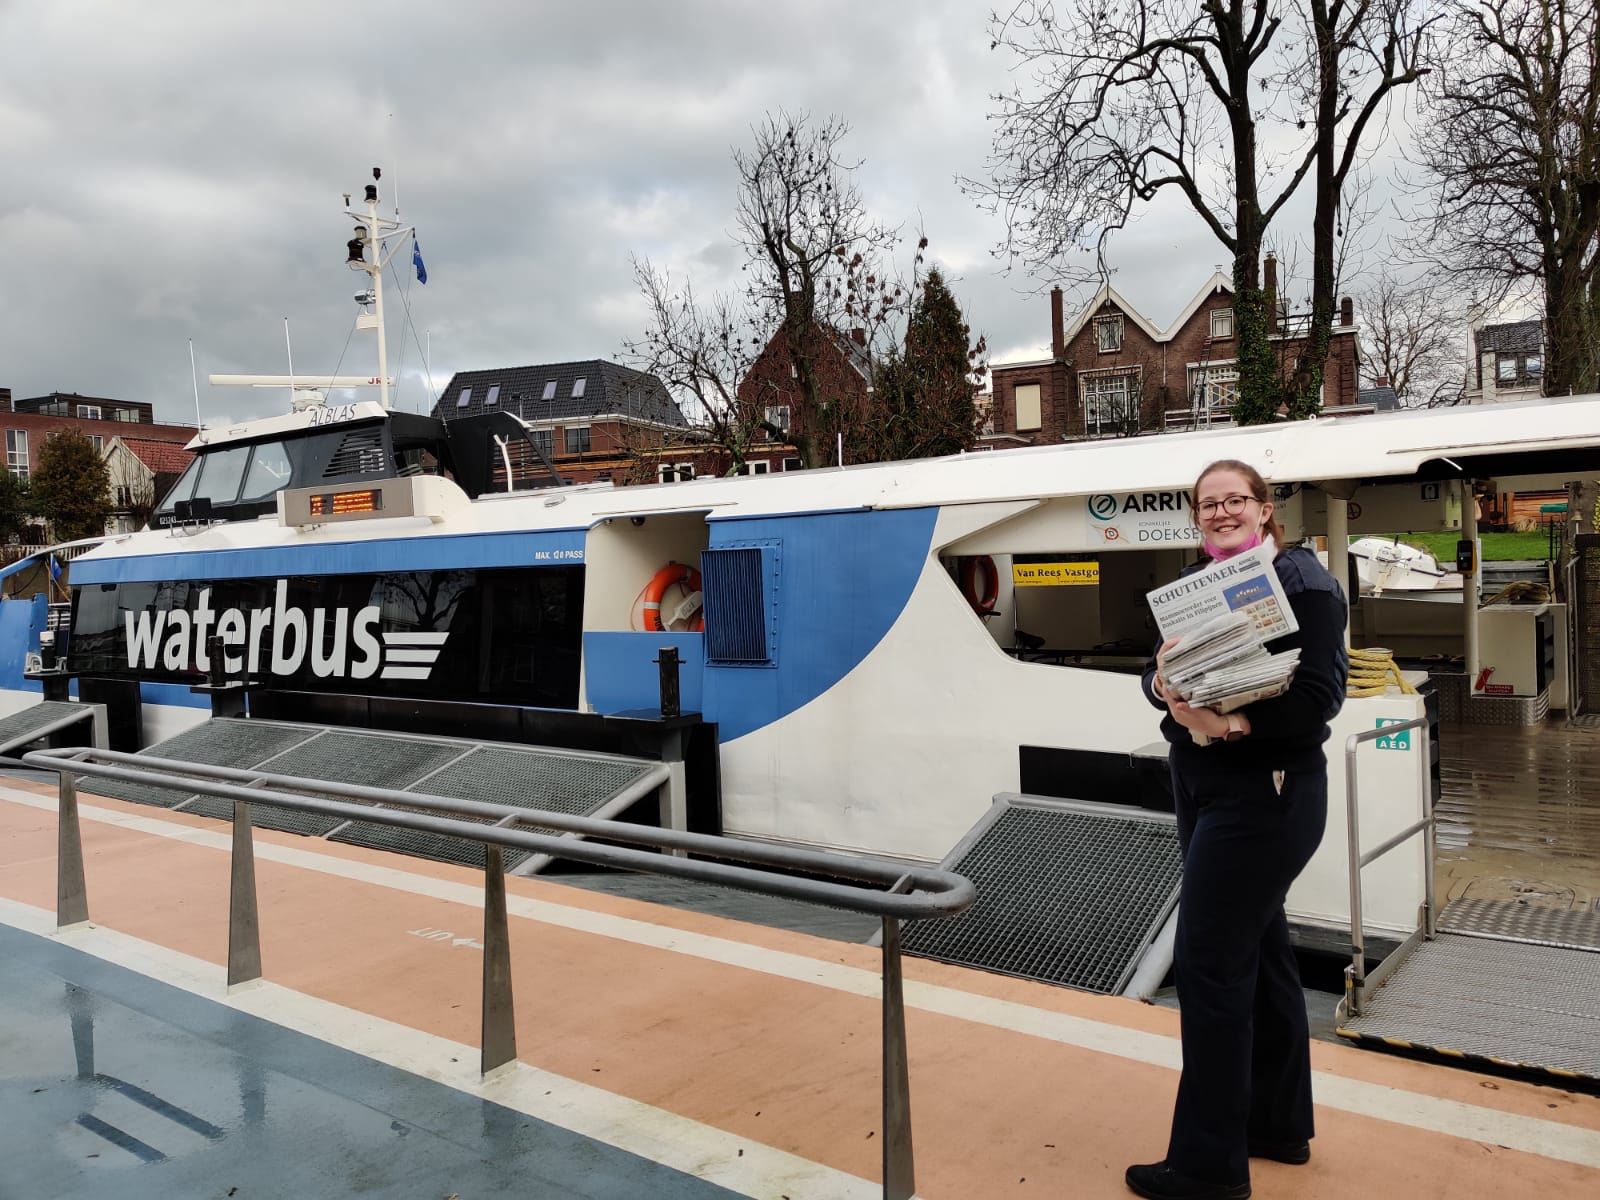 Ook bij Waterbus lijn 23 worden kranten afgeleverd.